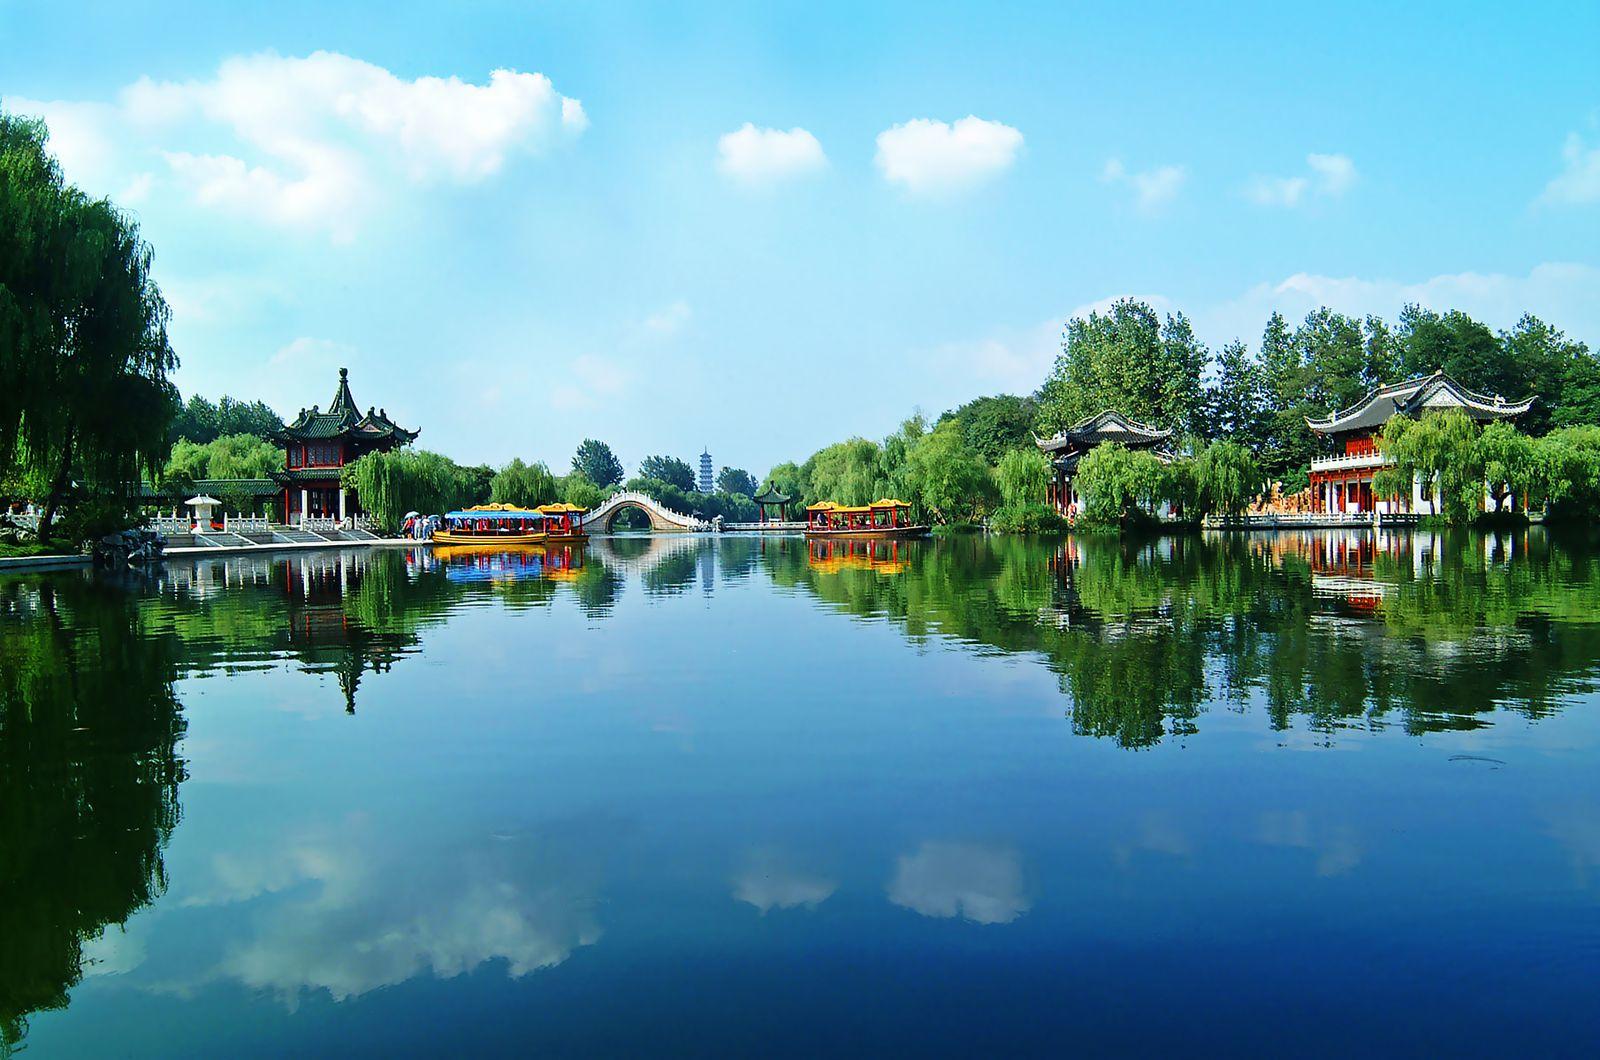 旅をより楽しむために!中国・揚州行くなら絶対泊まりたいホテル5選